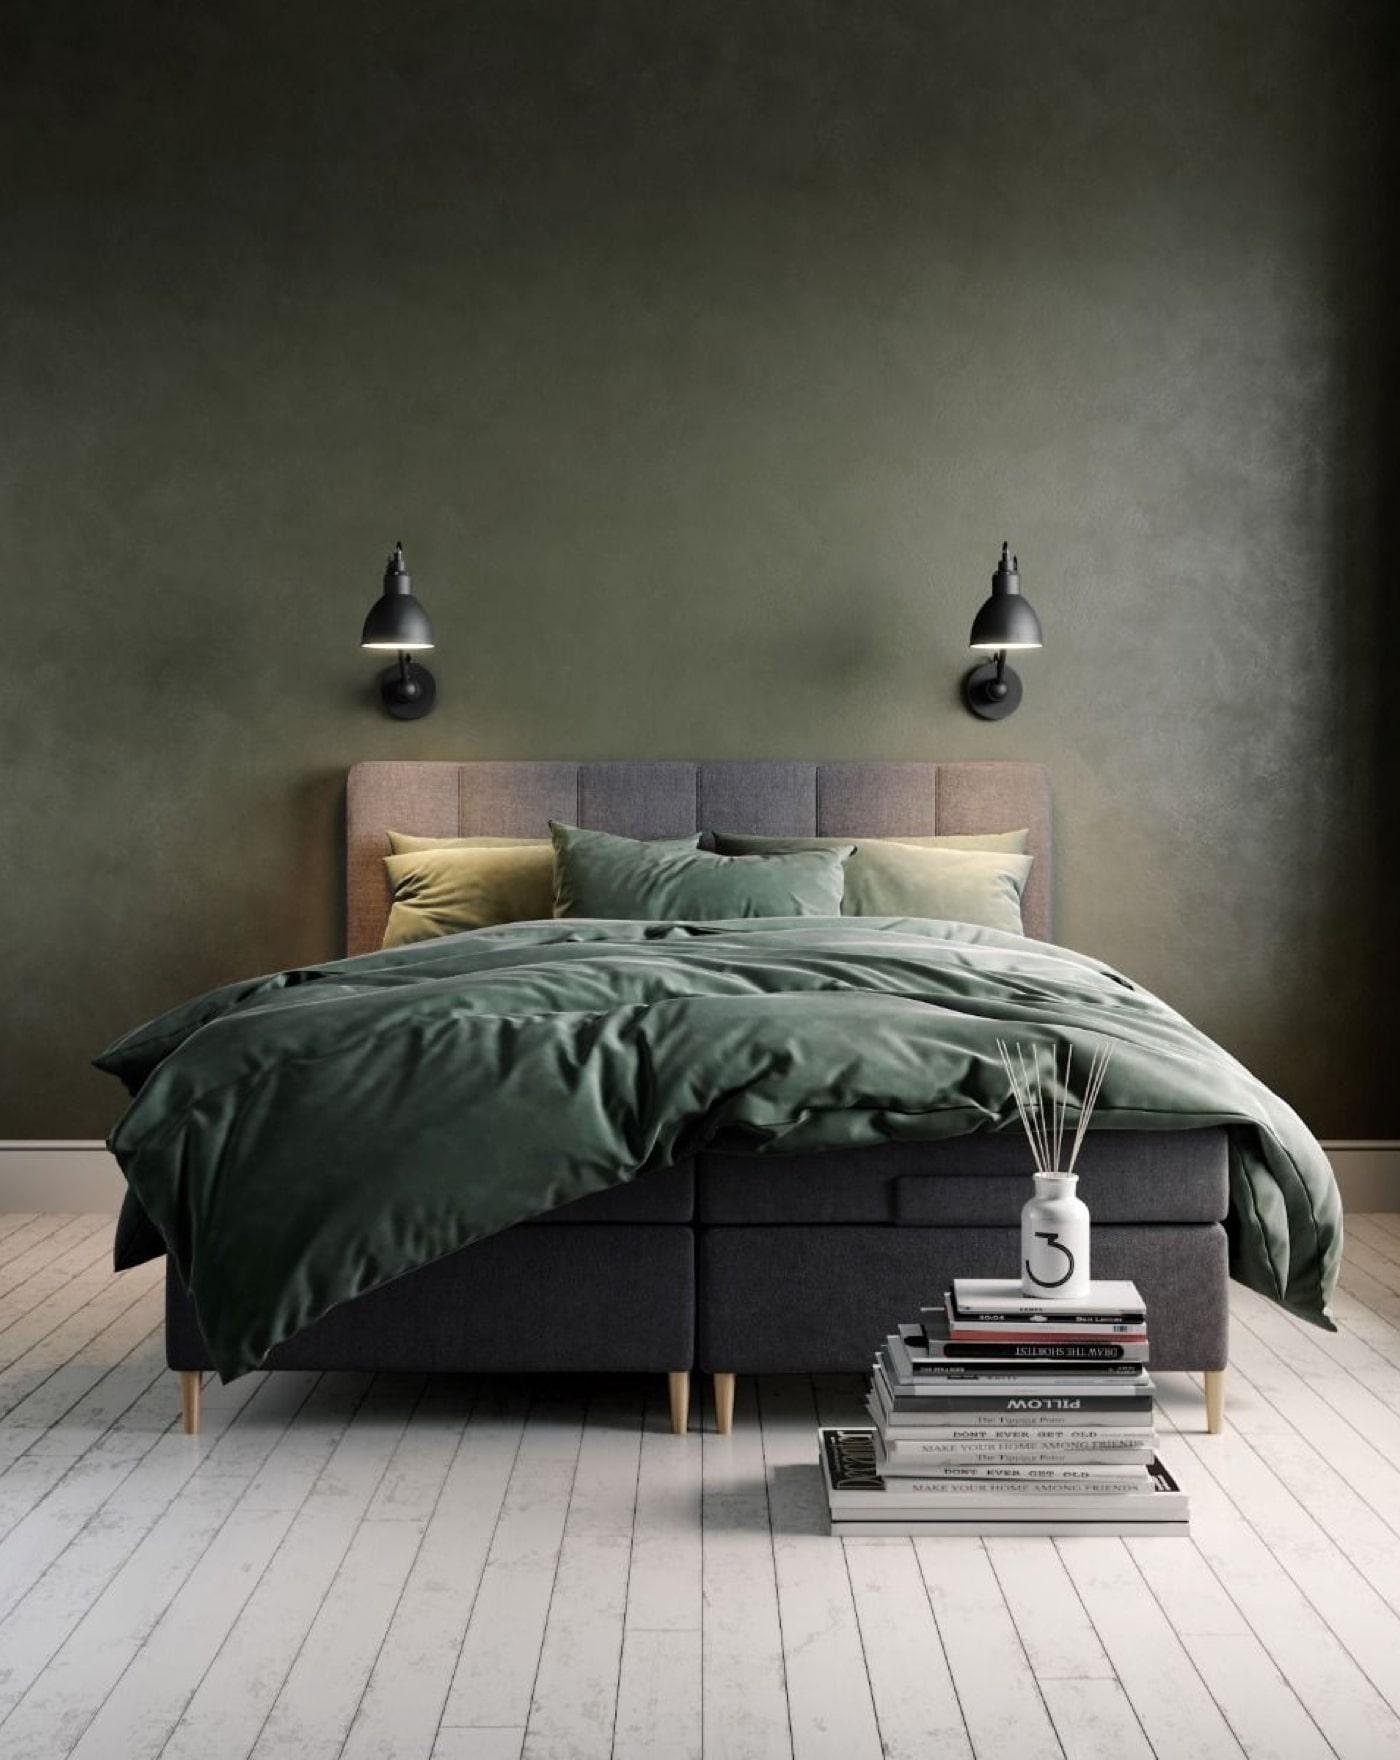 10_05_bedroom_Bedre Nætter magento website_by_basov_design_